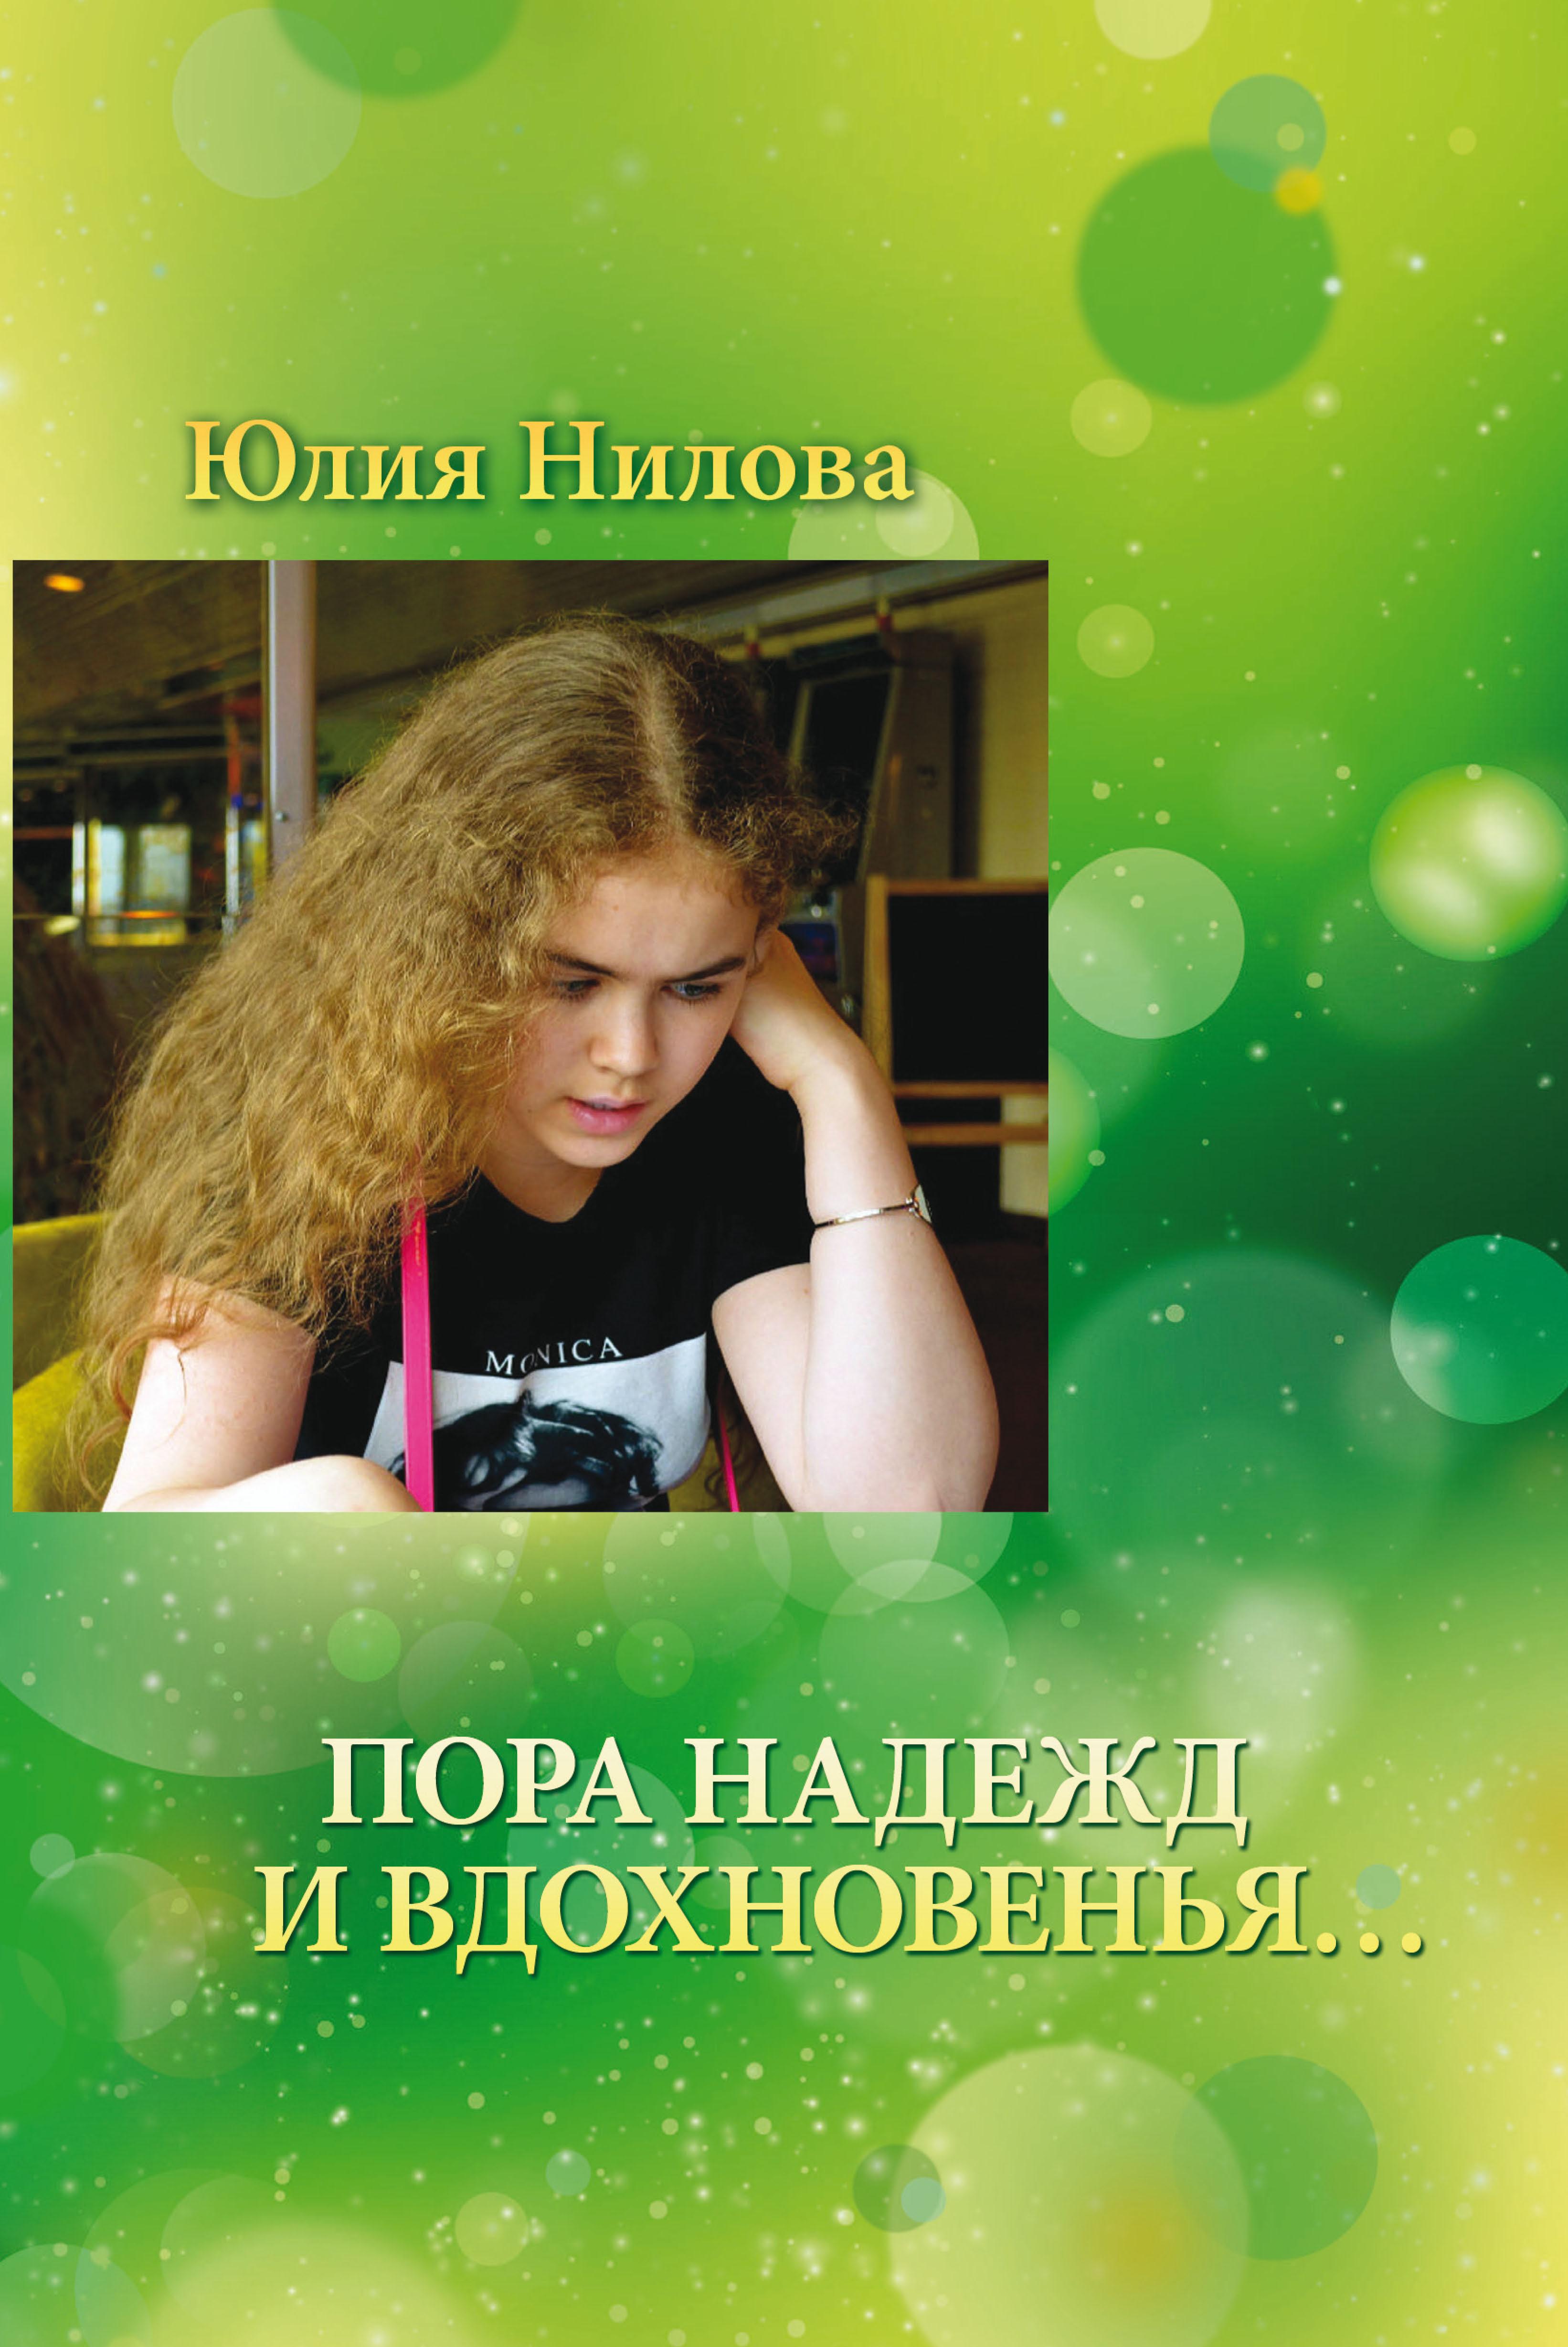 Юлия Нилова Пора надежд и вдохновенья… Стихотворения и поэмы юлия нилова пора надежд и вдохновенья… стихотворения и поэмы